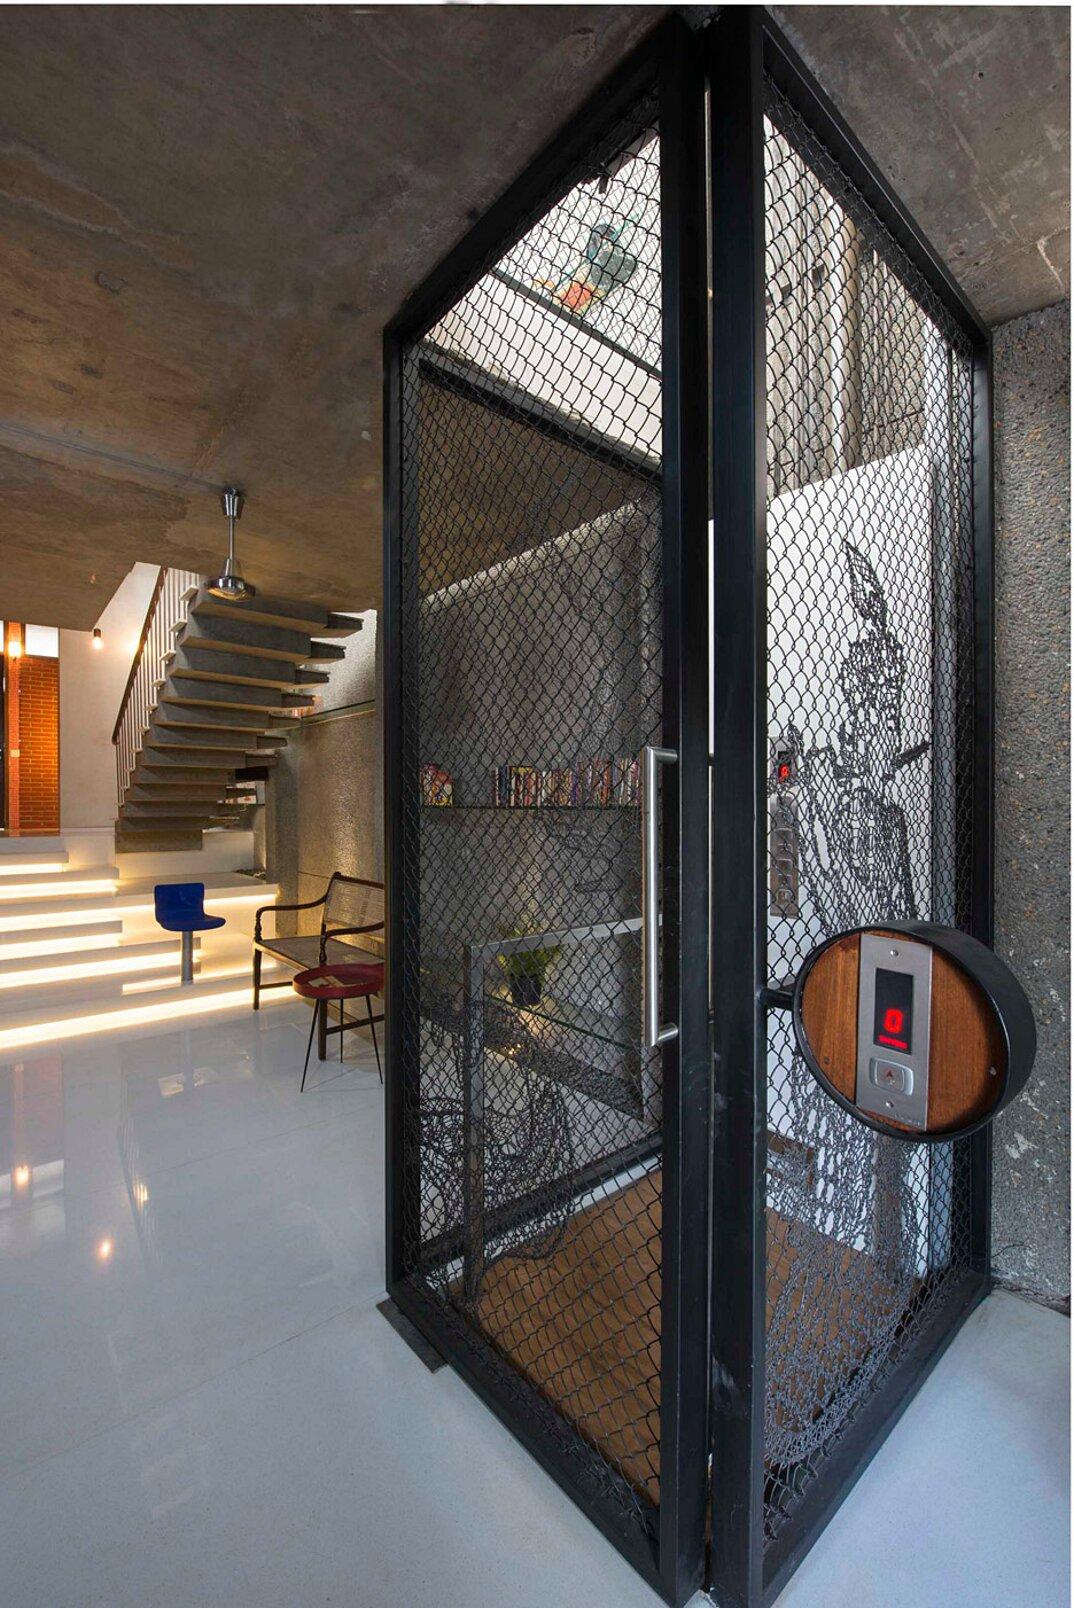 edificio-materiali-riciclati-architettura-sostenibile-mumbai-sps-architects-21